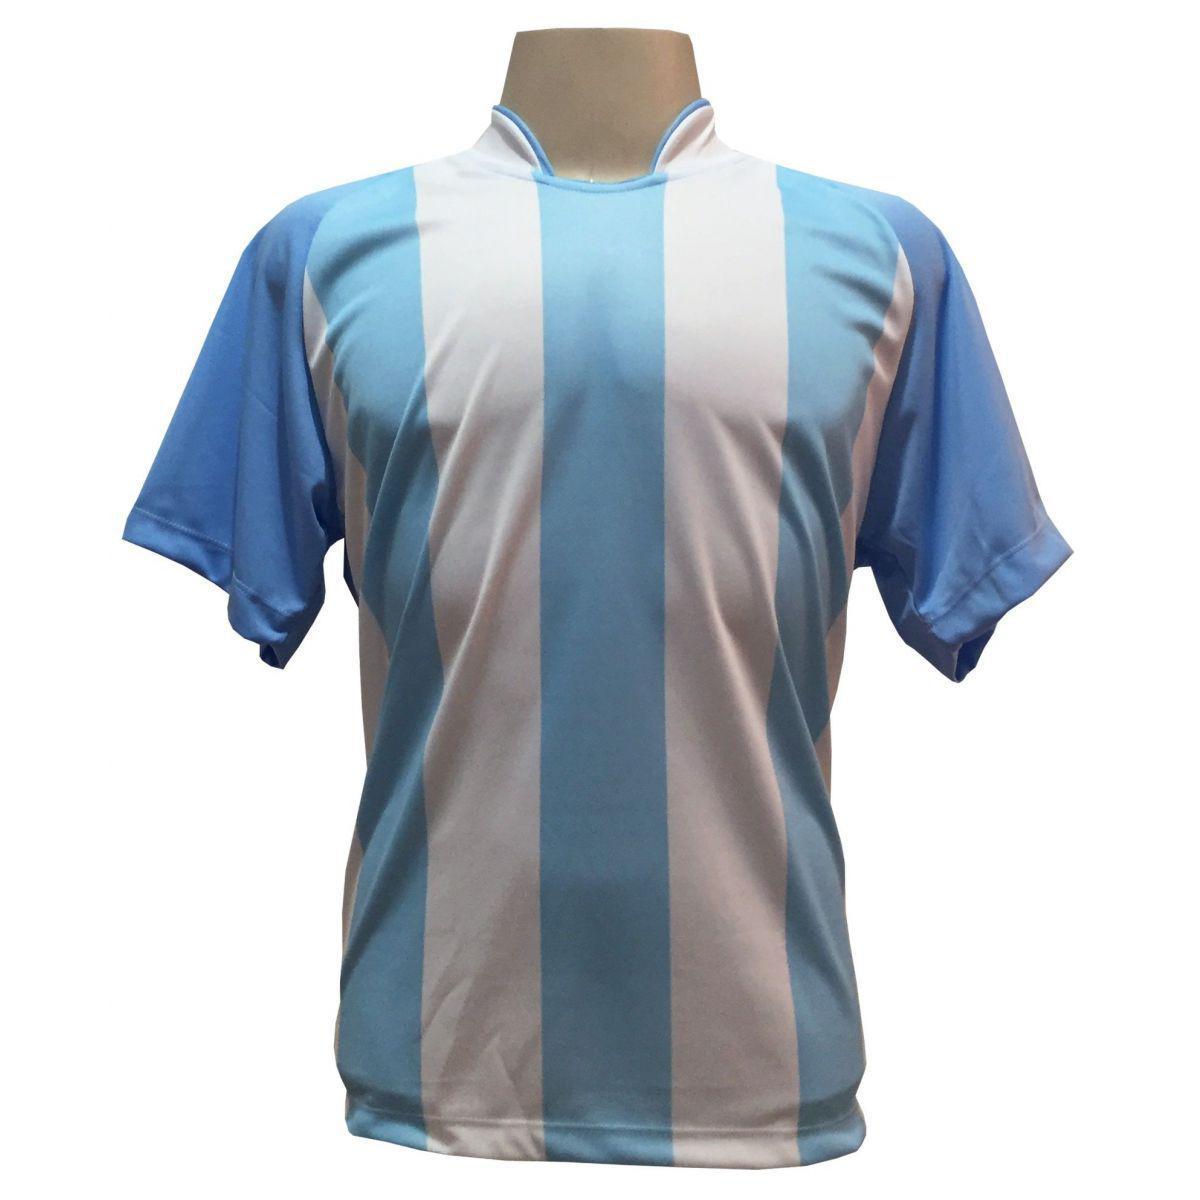 01efa22c65 Uniforme Esportivo com 20 camisas modelo Milan Celeste Branco + 20 calções  modelo Madrid + 1 Goleiro + Brindes - Play fair - Futebol - Magazine Luiza